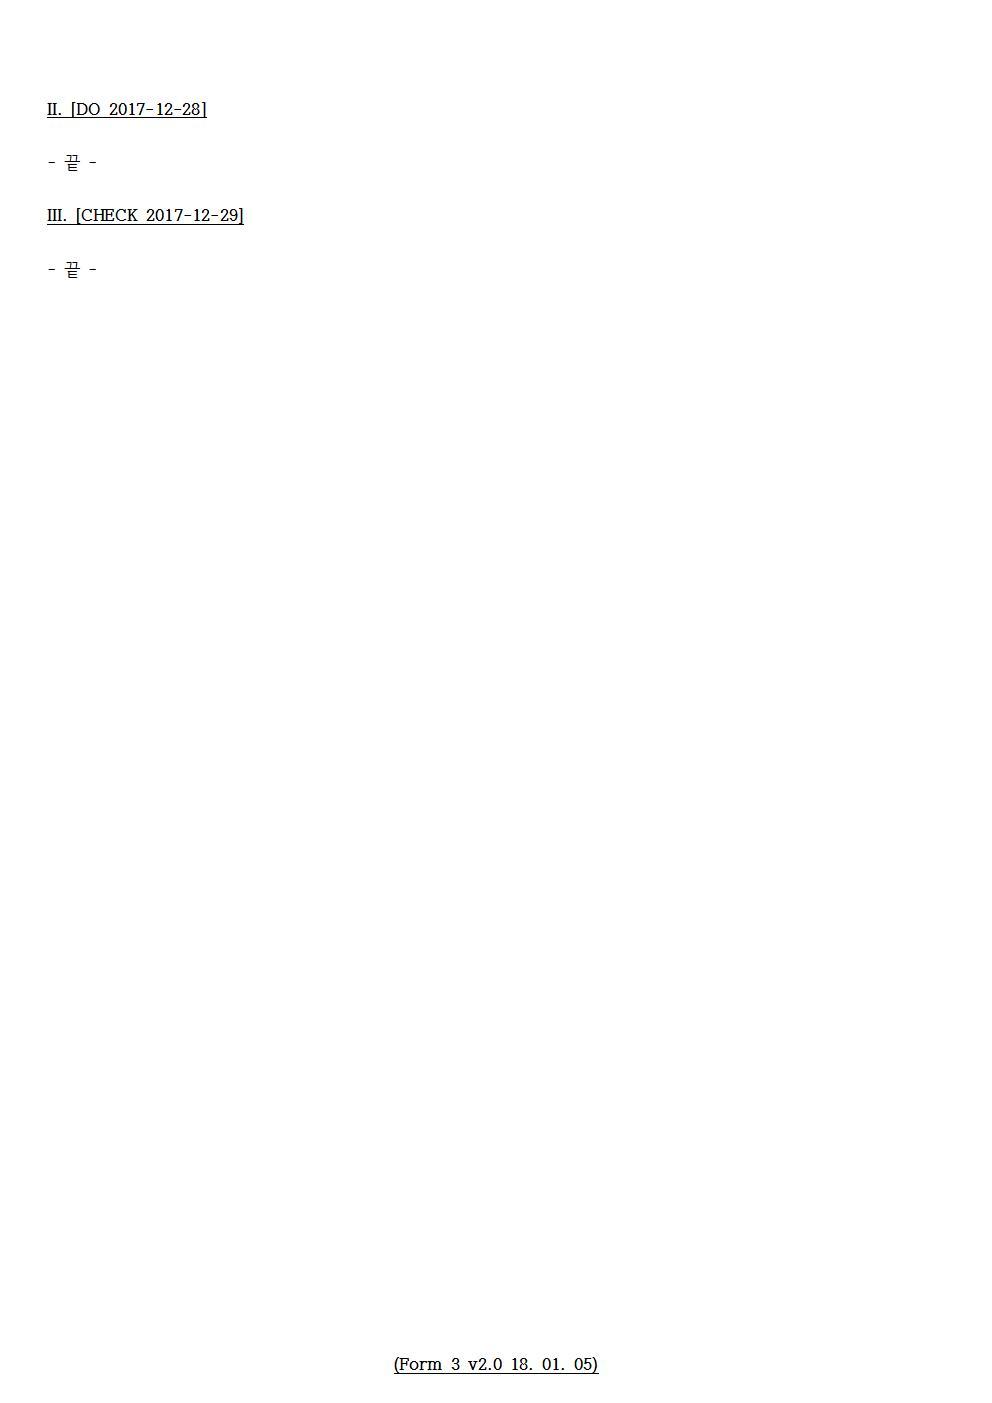 D-[18-007-PP-01]-[InTechdT-Calculus]-[2018-01-08][SH]002.jpg